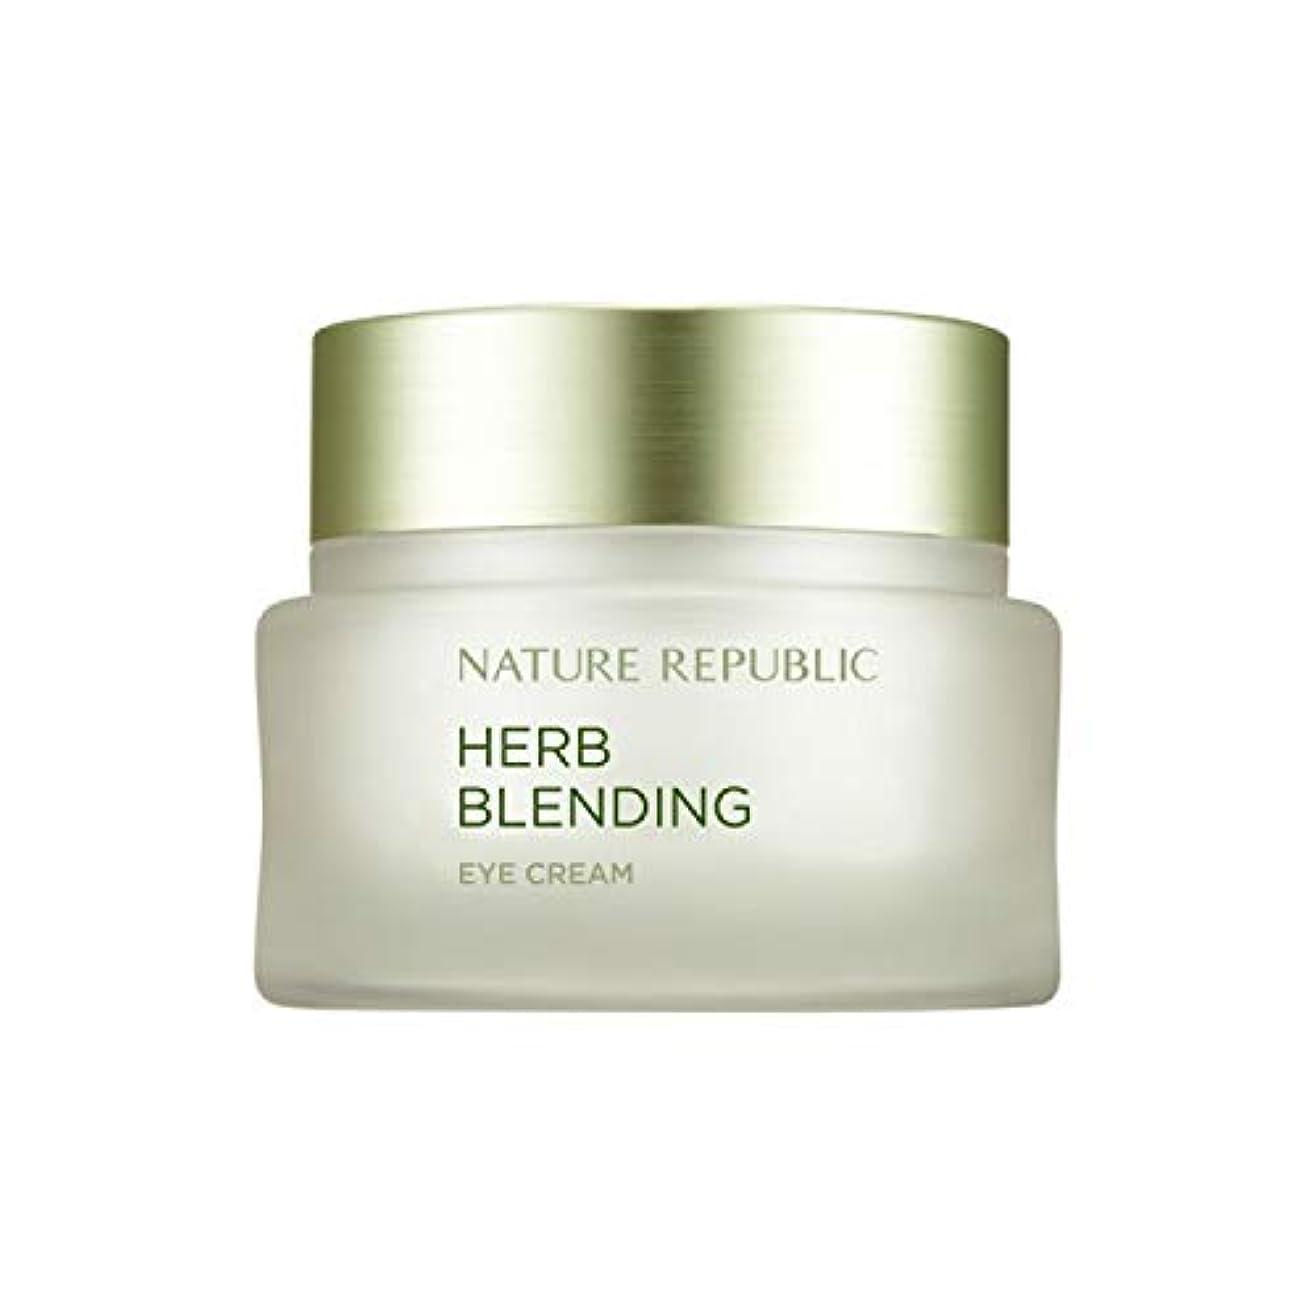 酸度モジュール相談ネイチャーリパブリック(Nature Republic)ハブブレンドアイクリーム 25ml / Herb Blending Eye Cream 25ml :: 韓国コスメ [並行輸入品]